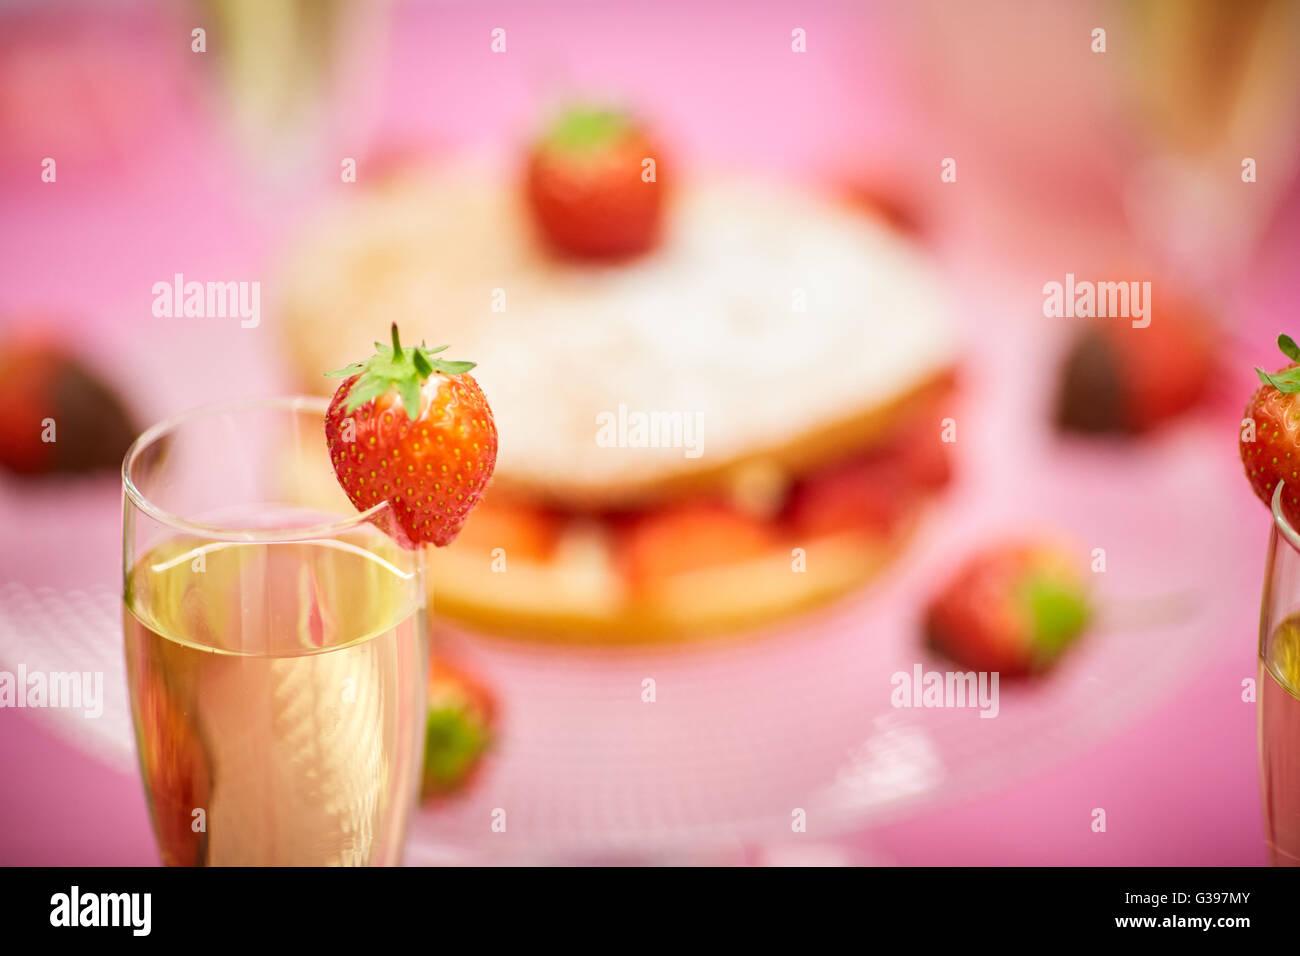 Wein Erdbeertorte Schokolade getaucht Nachmittag Kaffeekränzchen Picknick Sommer Frucht rot rosa Schwamm Glasdekoration Stockfoto